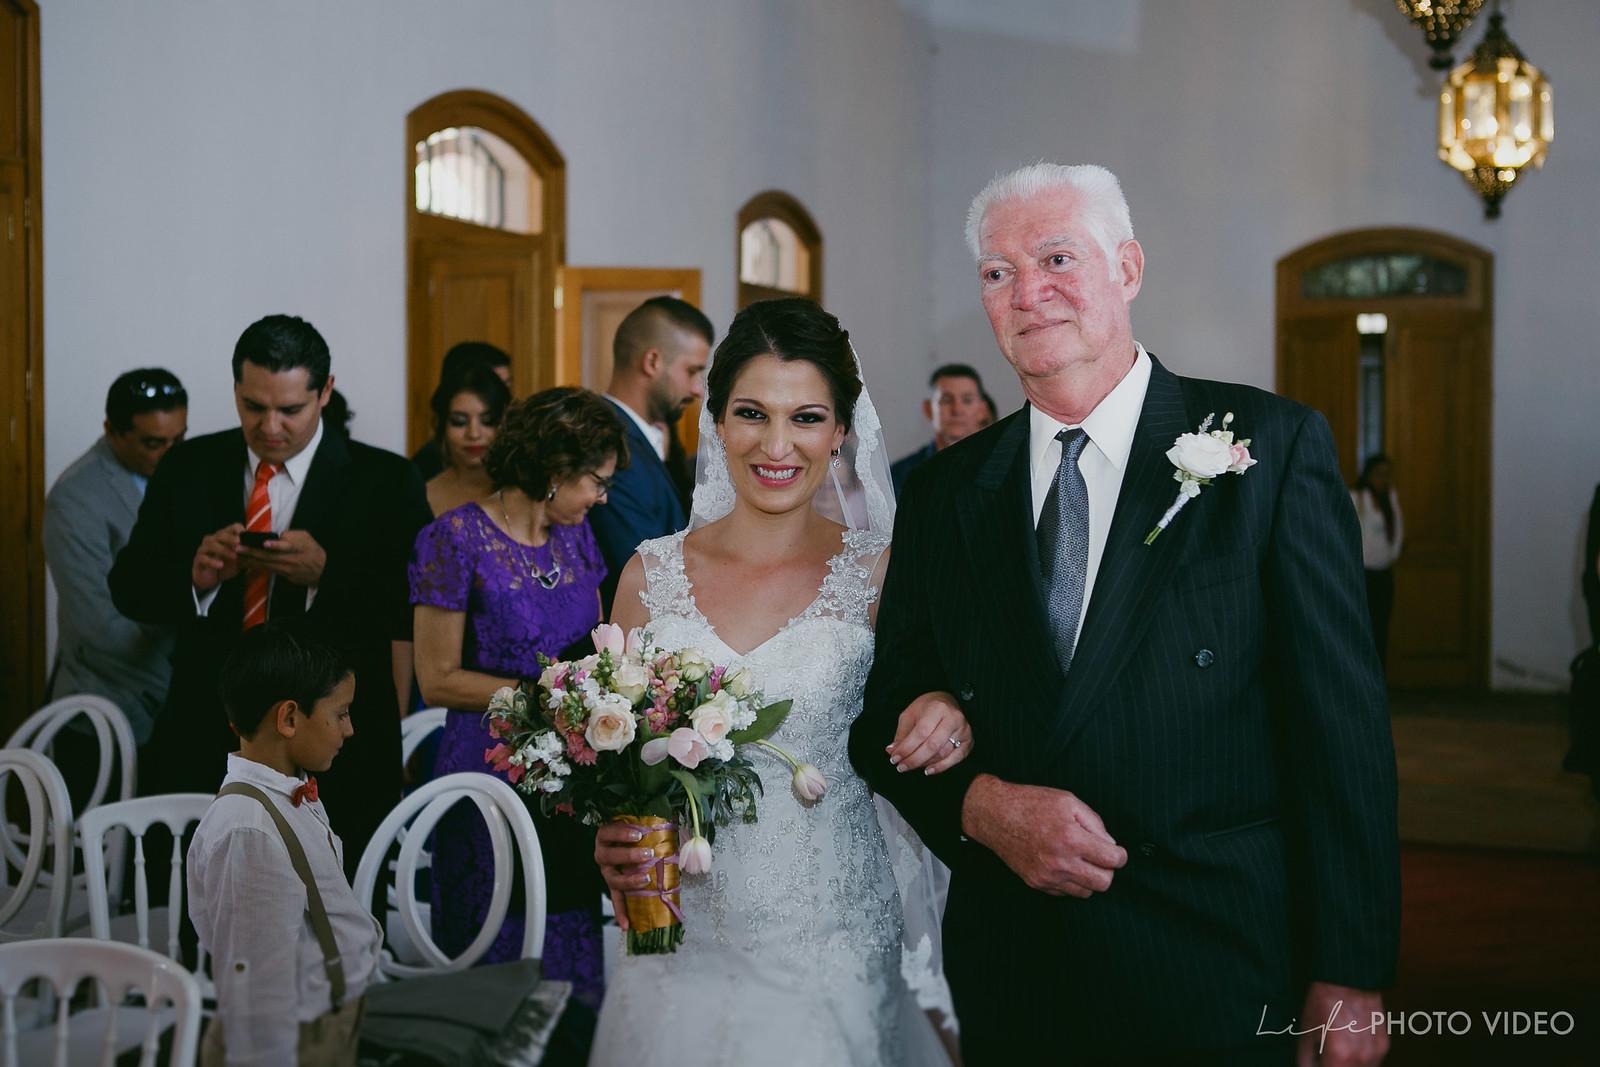 LifePhotoVideo_Boda_LeonGto_Wedding_0047.jpg